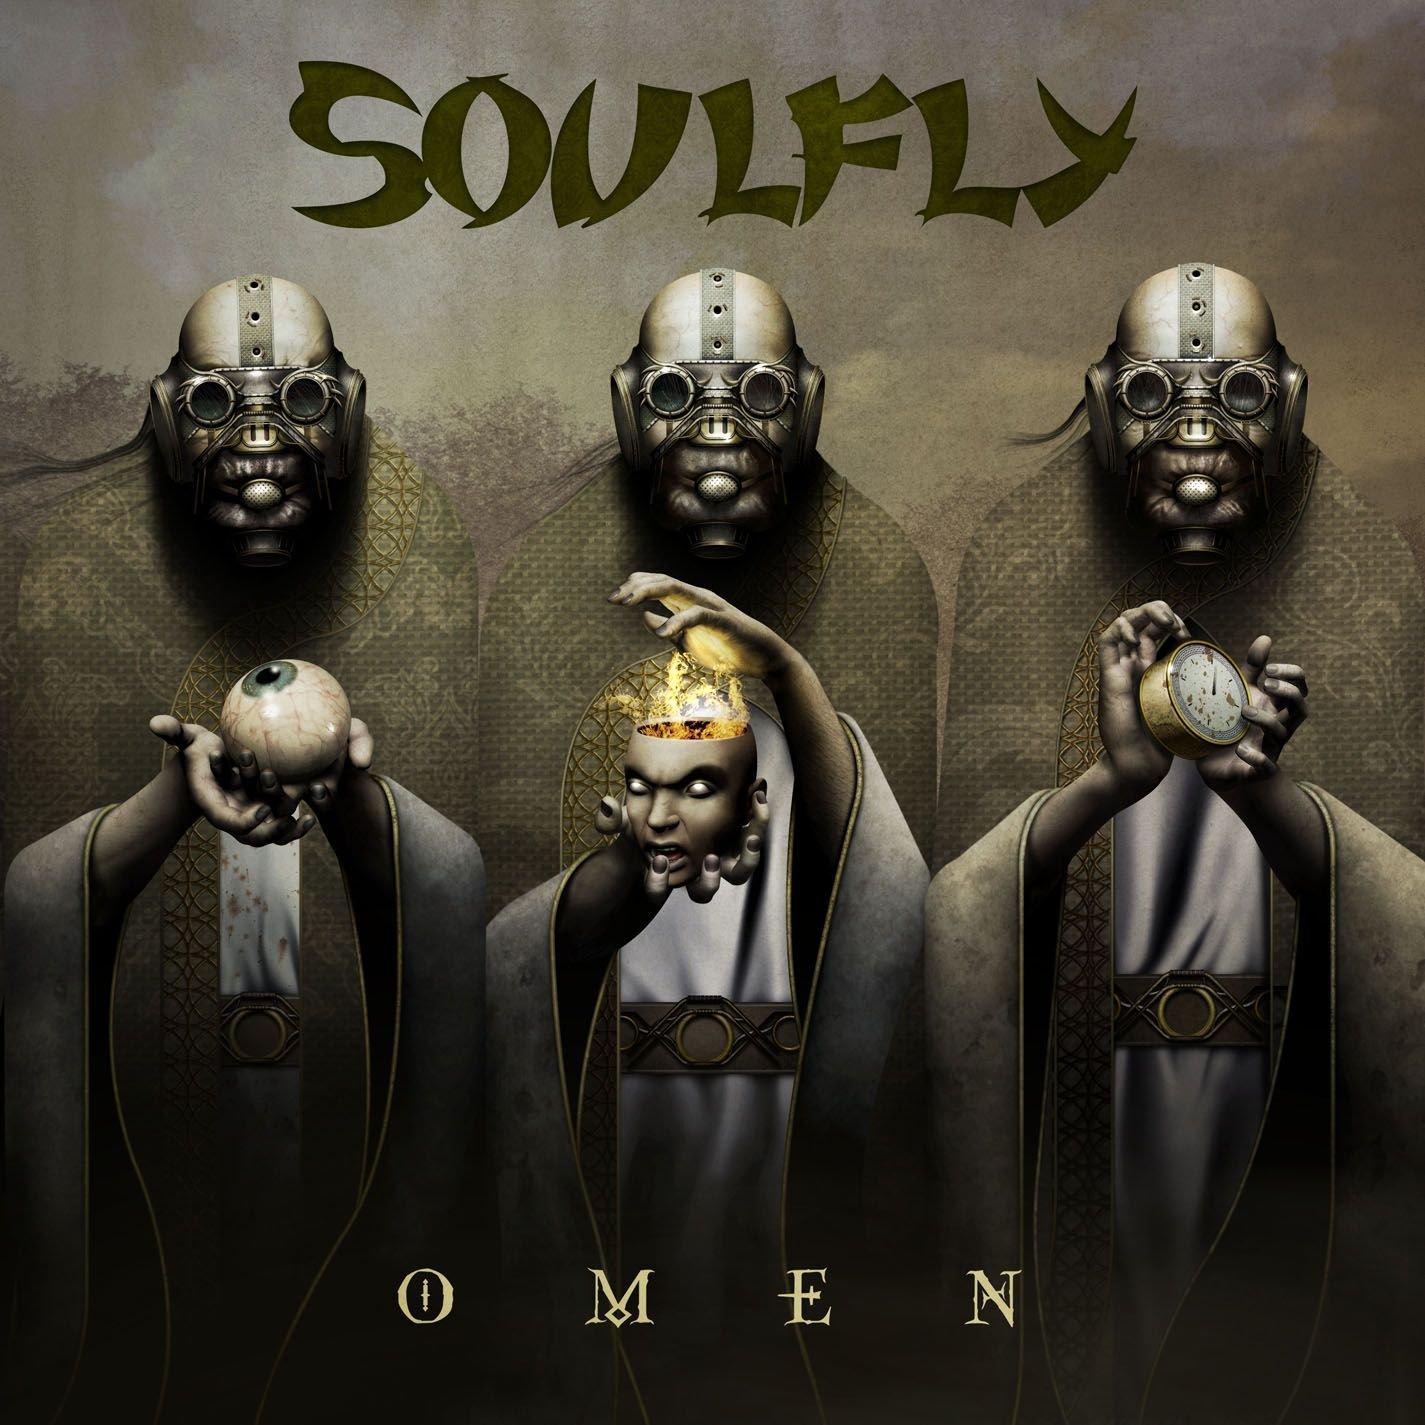 Resultado de imagen para soulfly omen